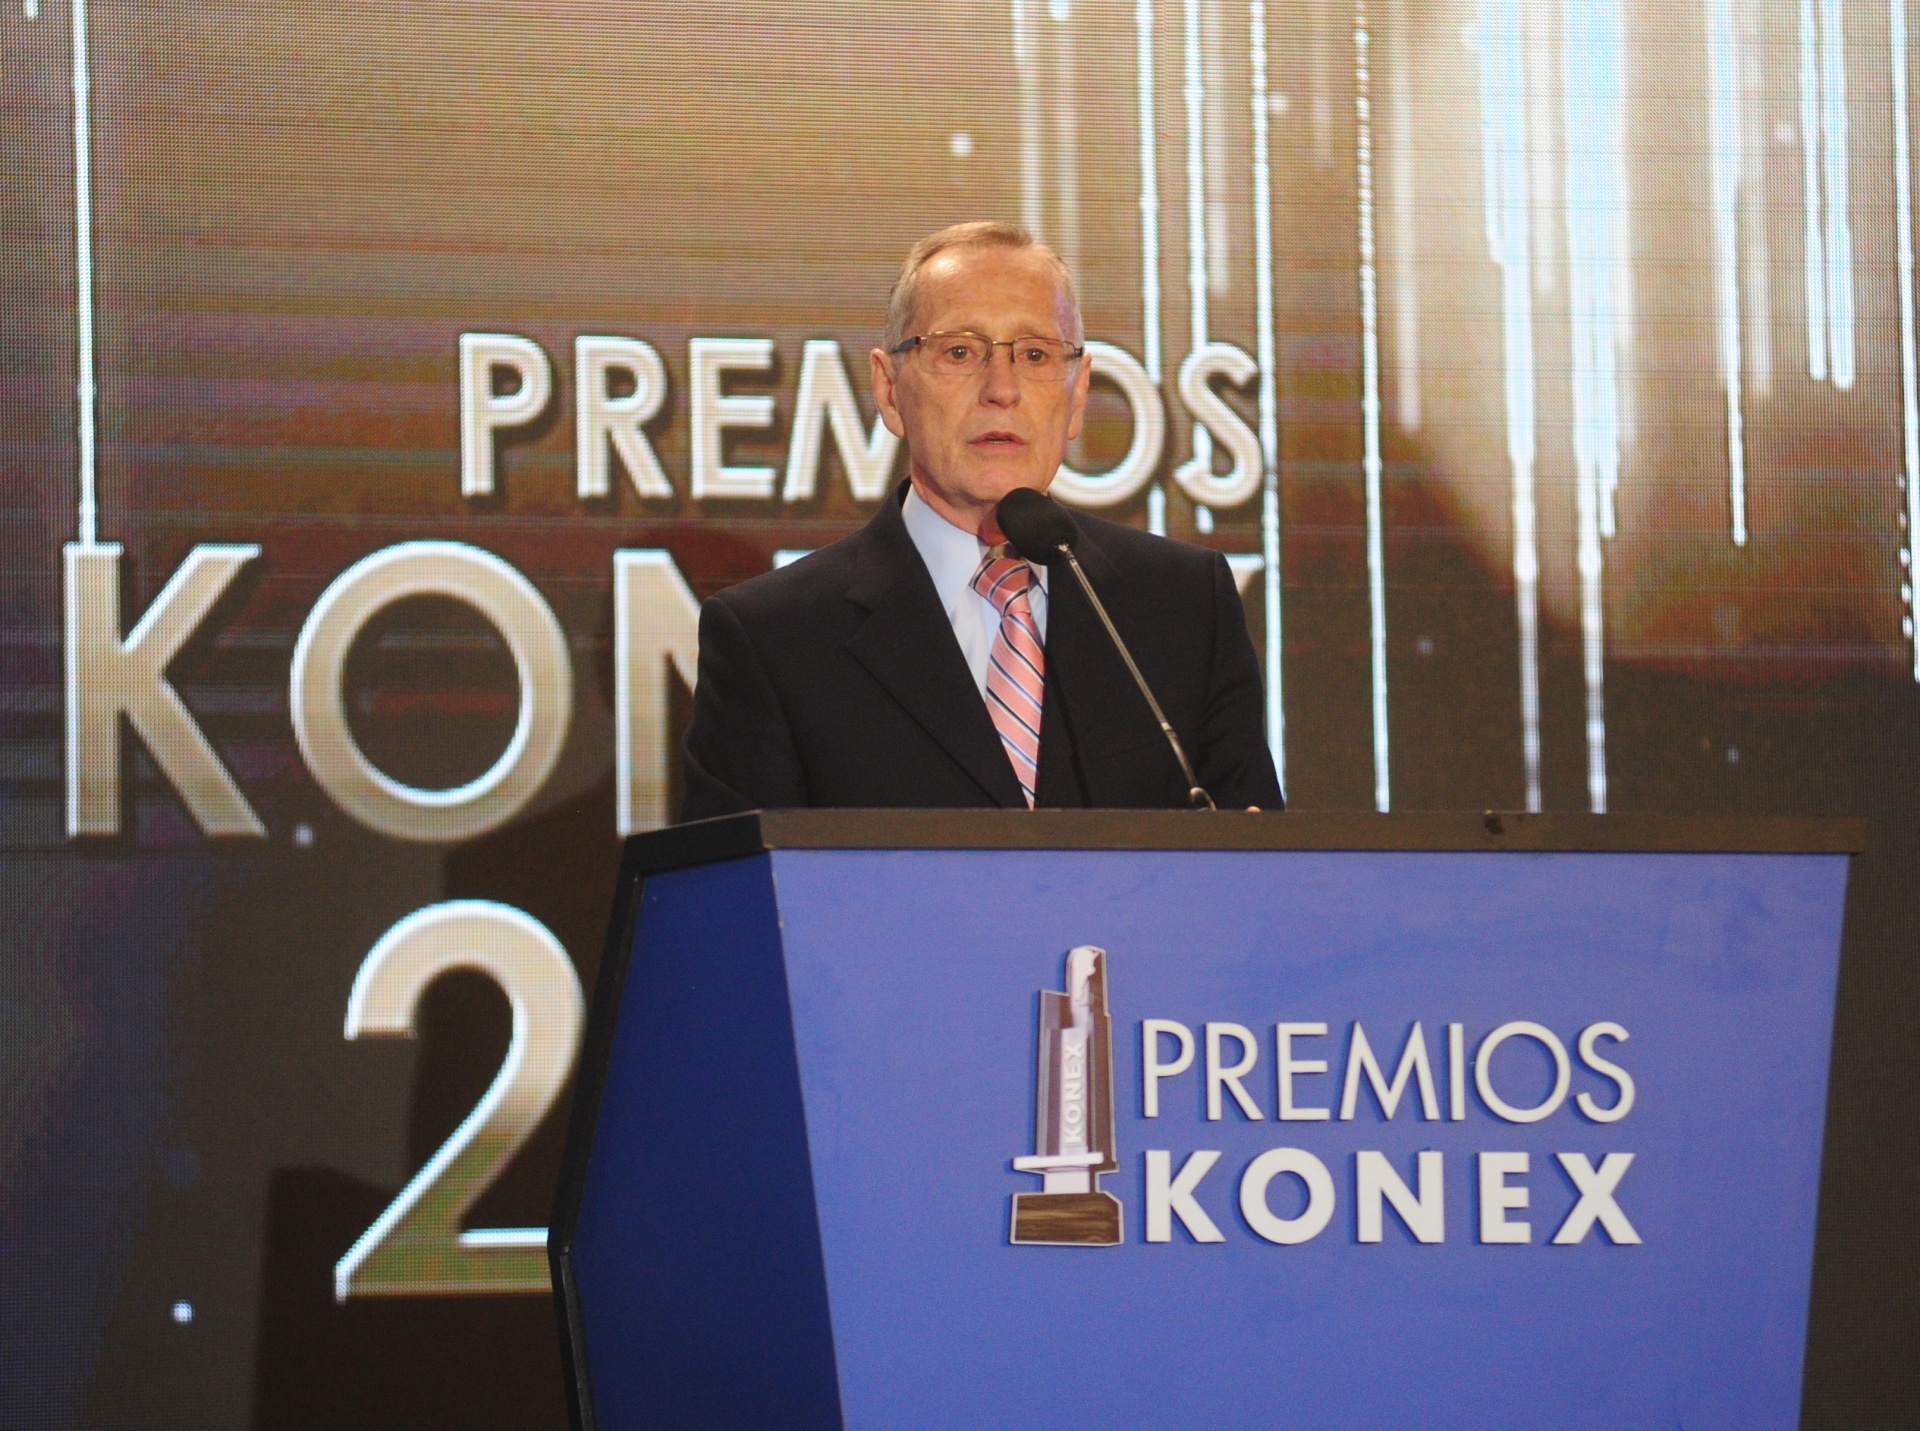 El presidente del Gran Jurado de los Premios Konex 2018: Instituciones-Comunidad-Empresa, Adalberto Rodríguez Giavarini